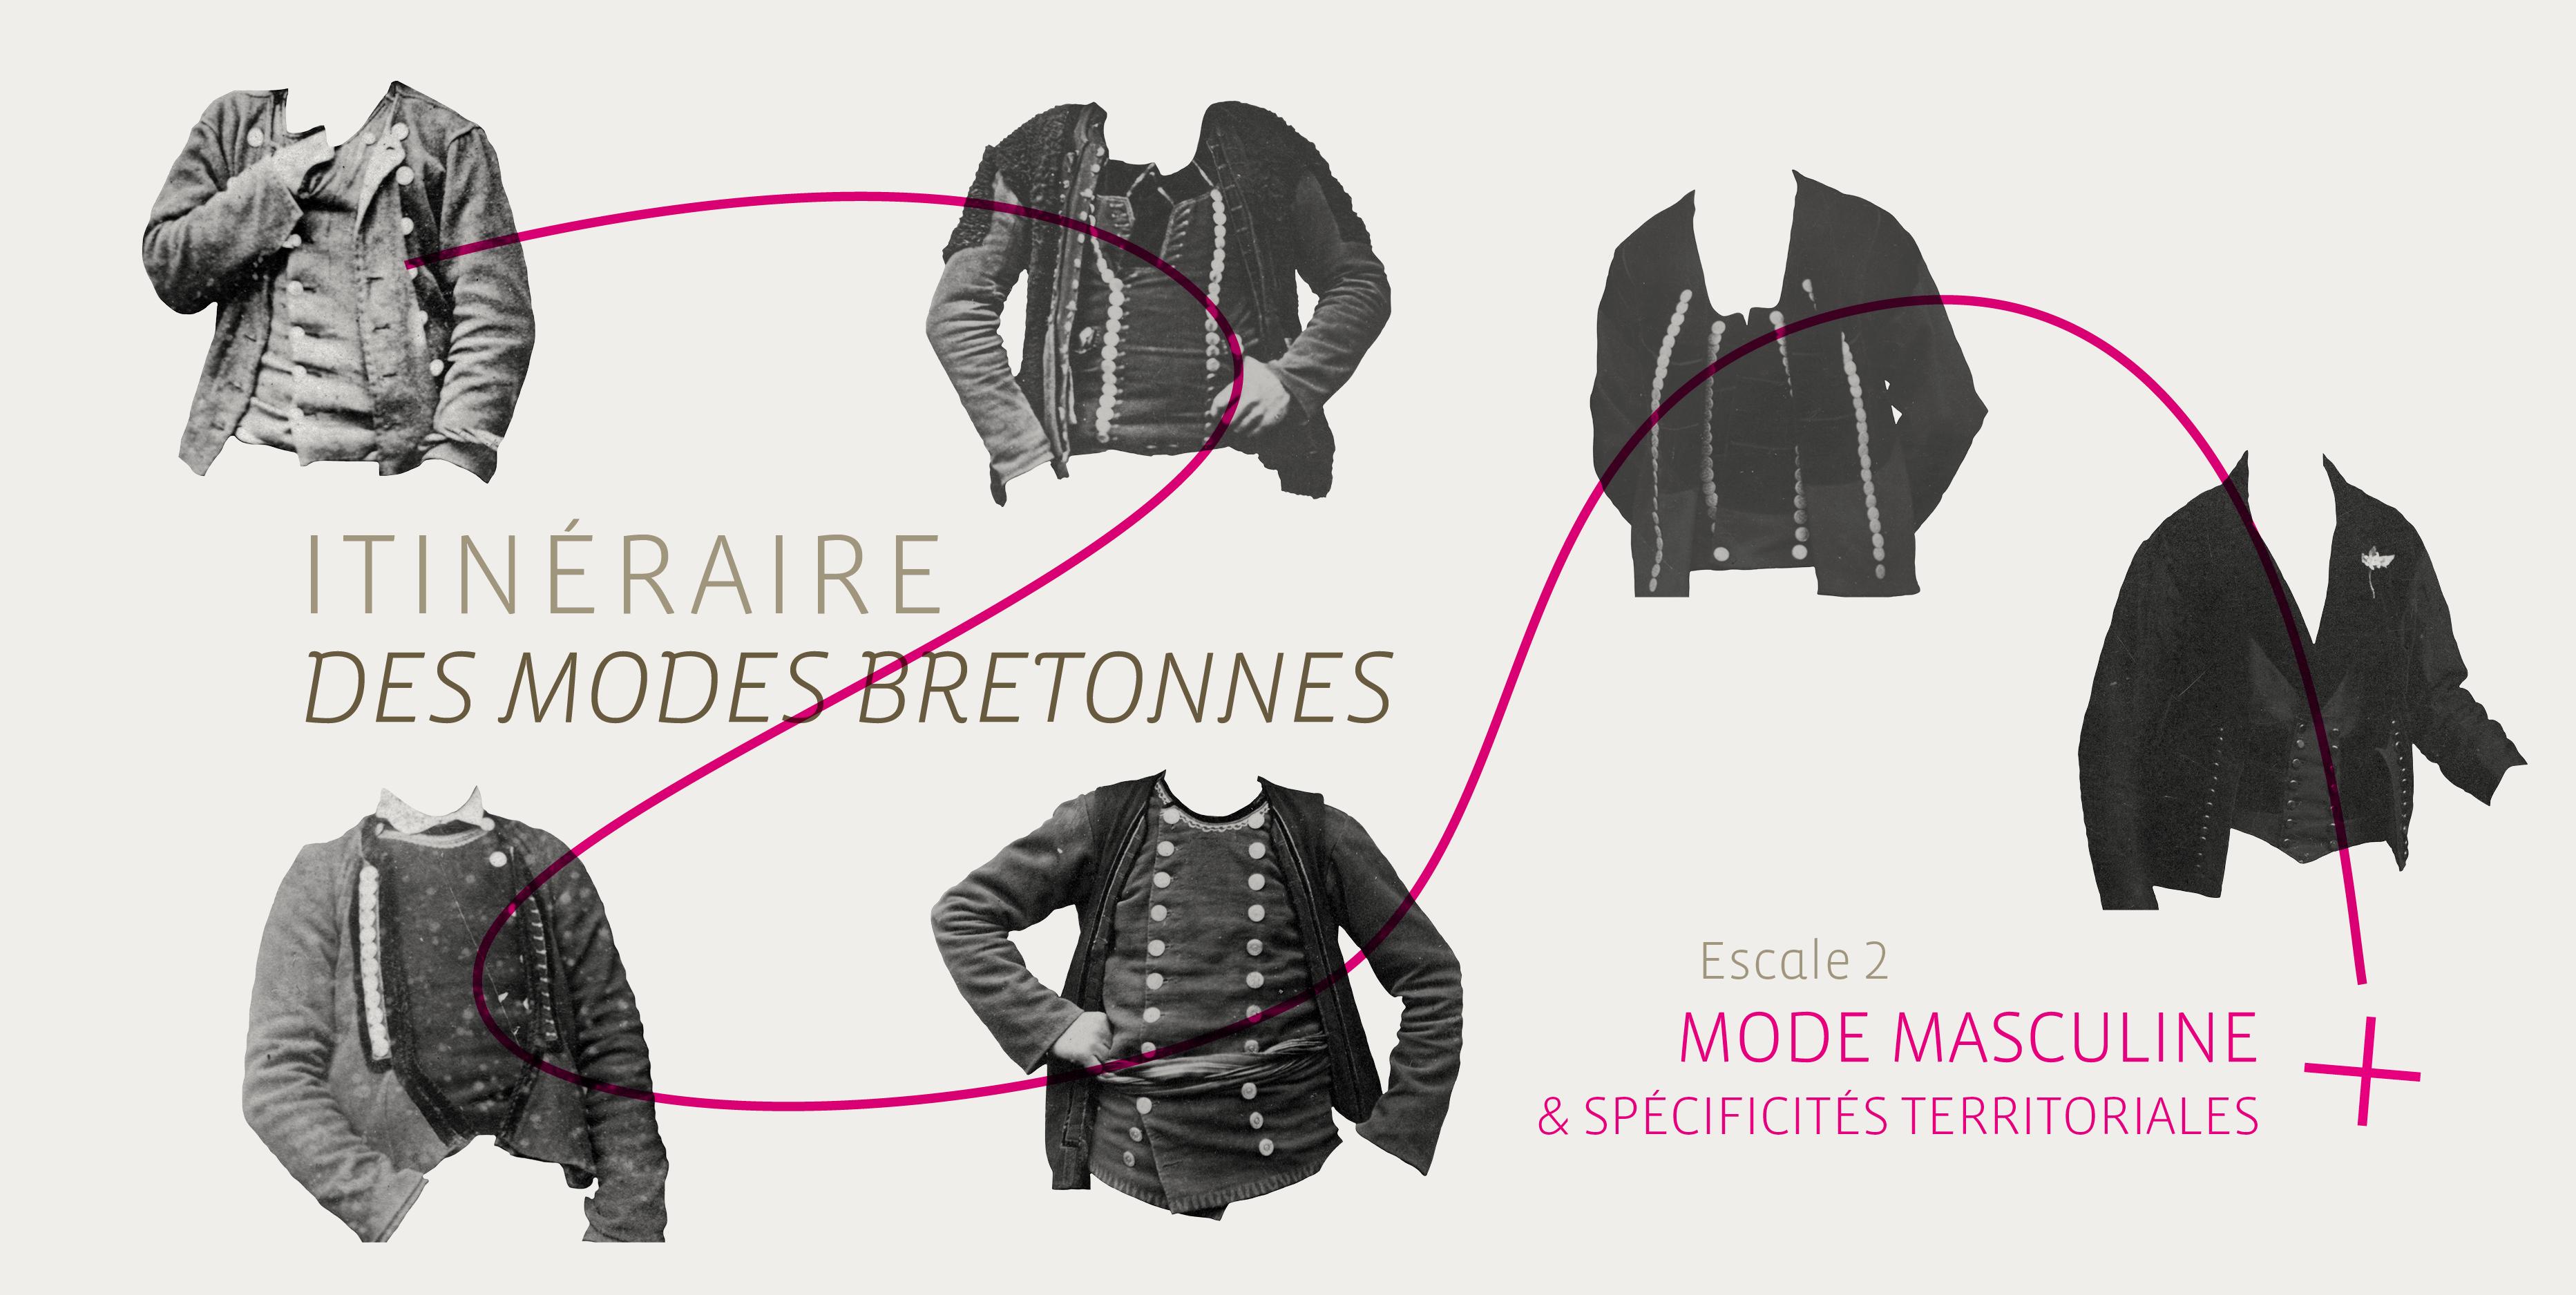 Itinéraires des modes bretonnes